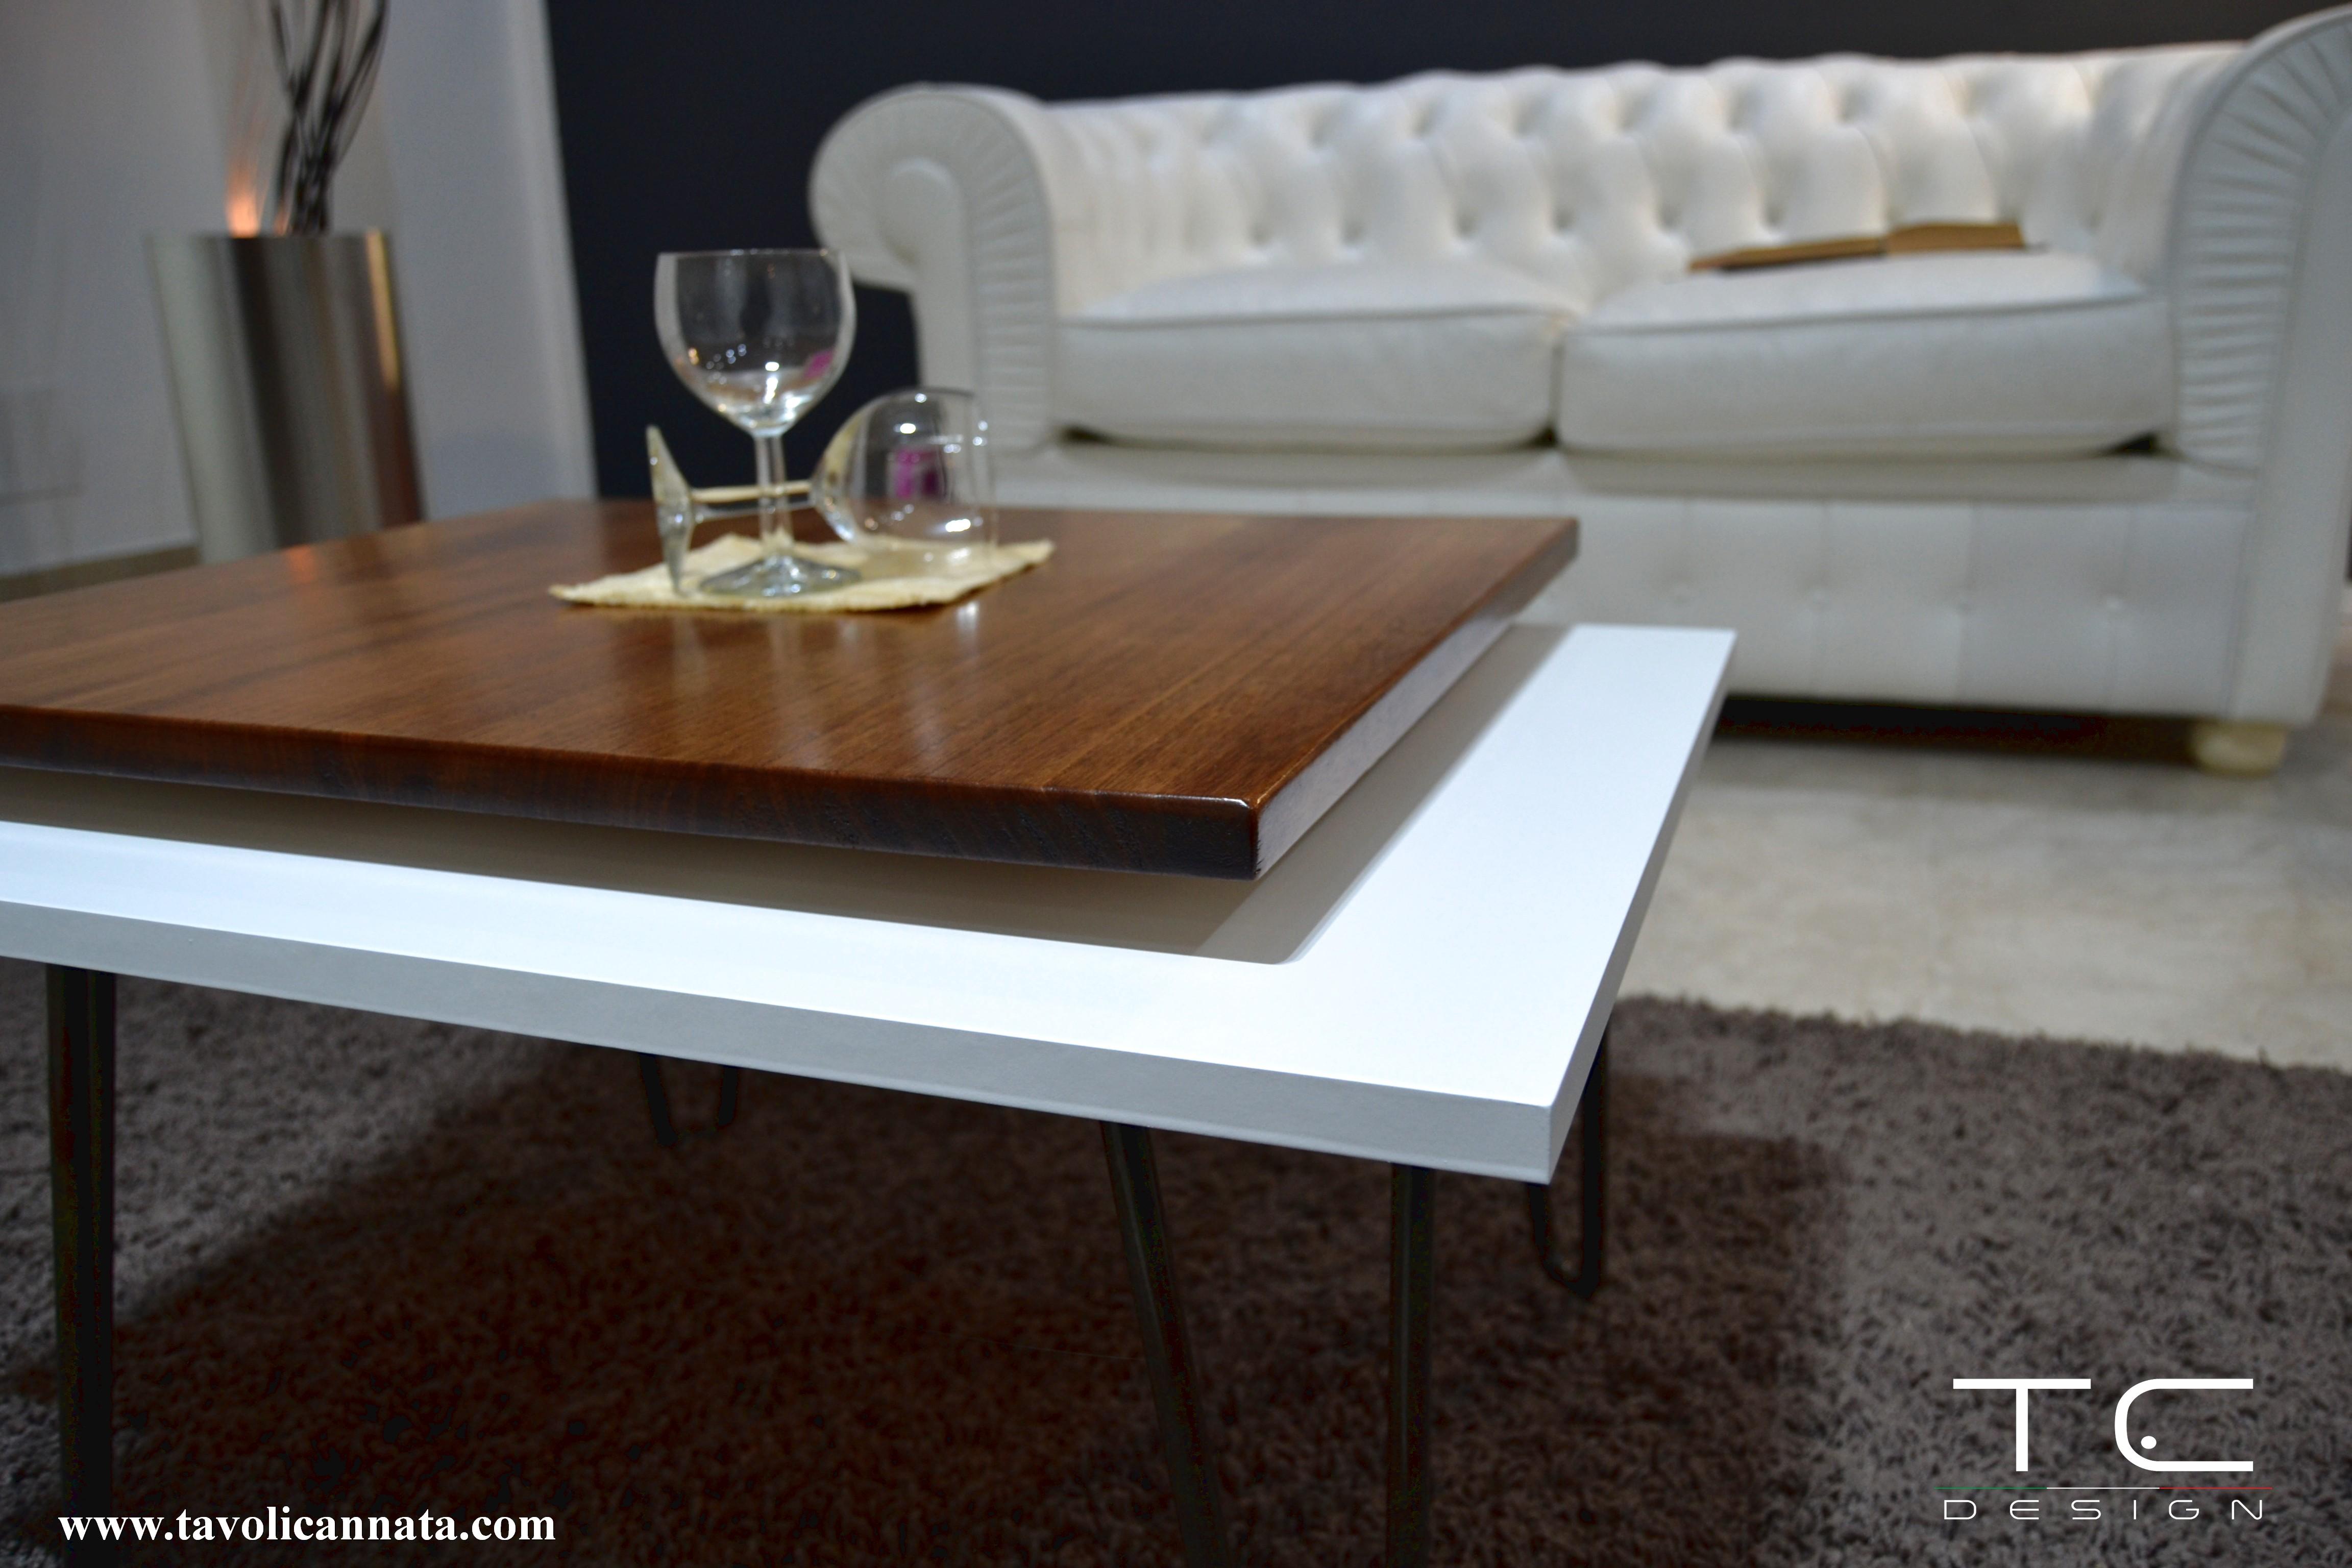 Tavolini Salotto Moderno.Tavolino Salotto Vision